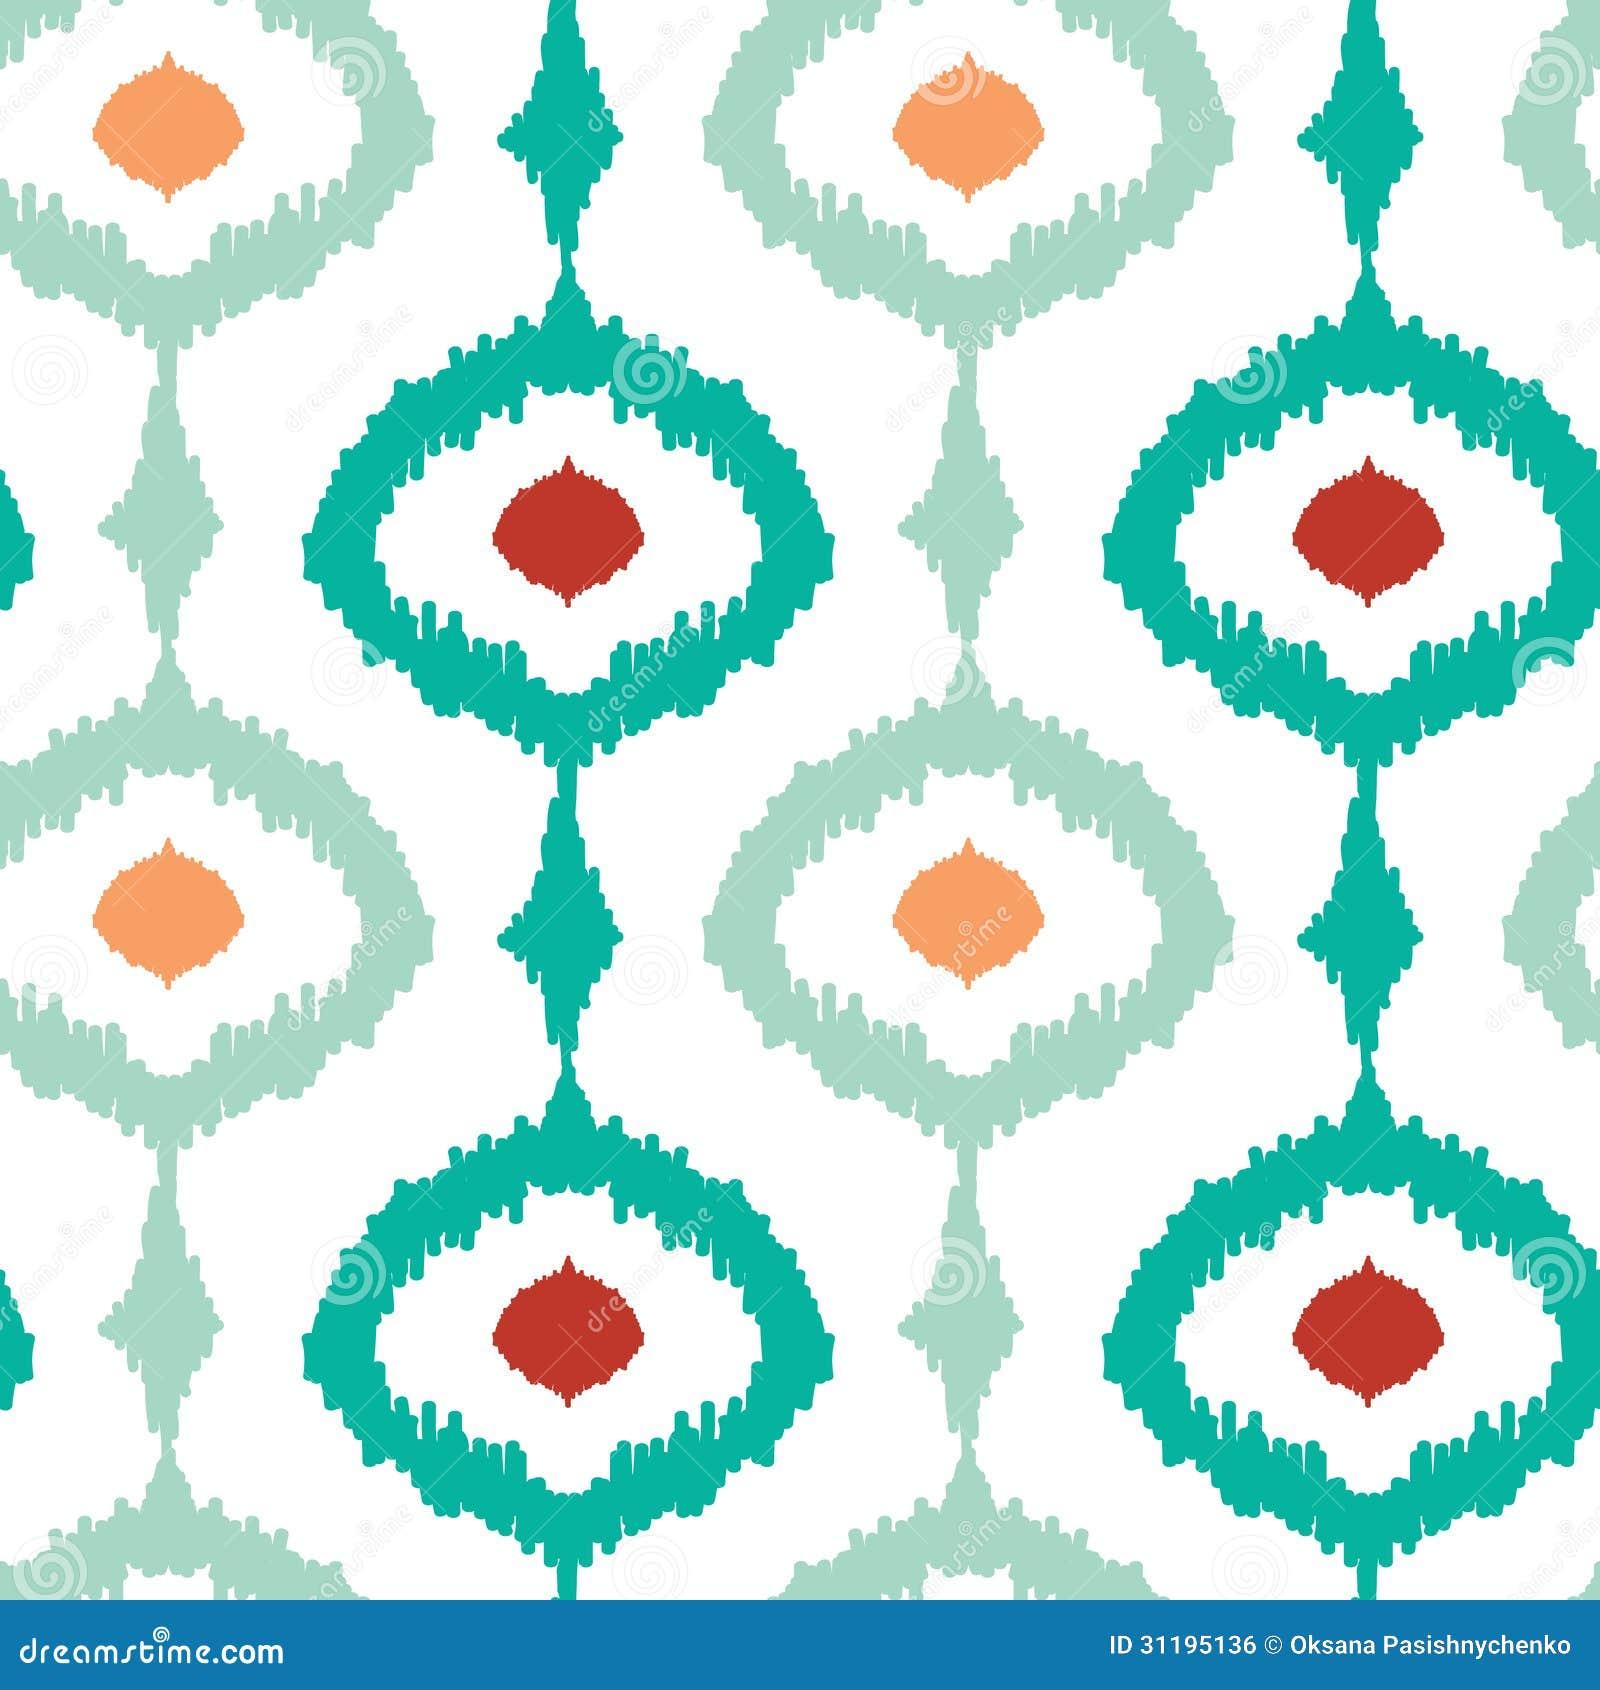 ikat pattern desktop wallpaper images. Black Bedroom Furniture Sets. Home Design Ideas